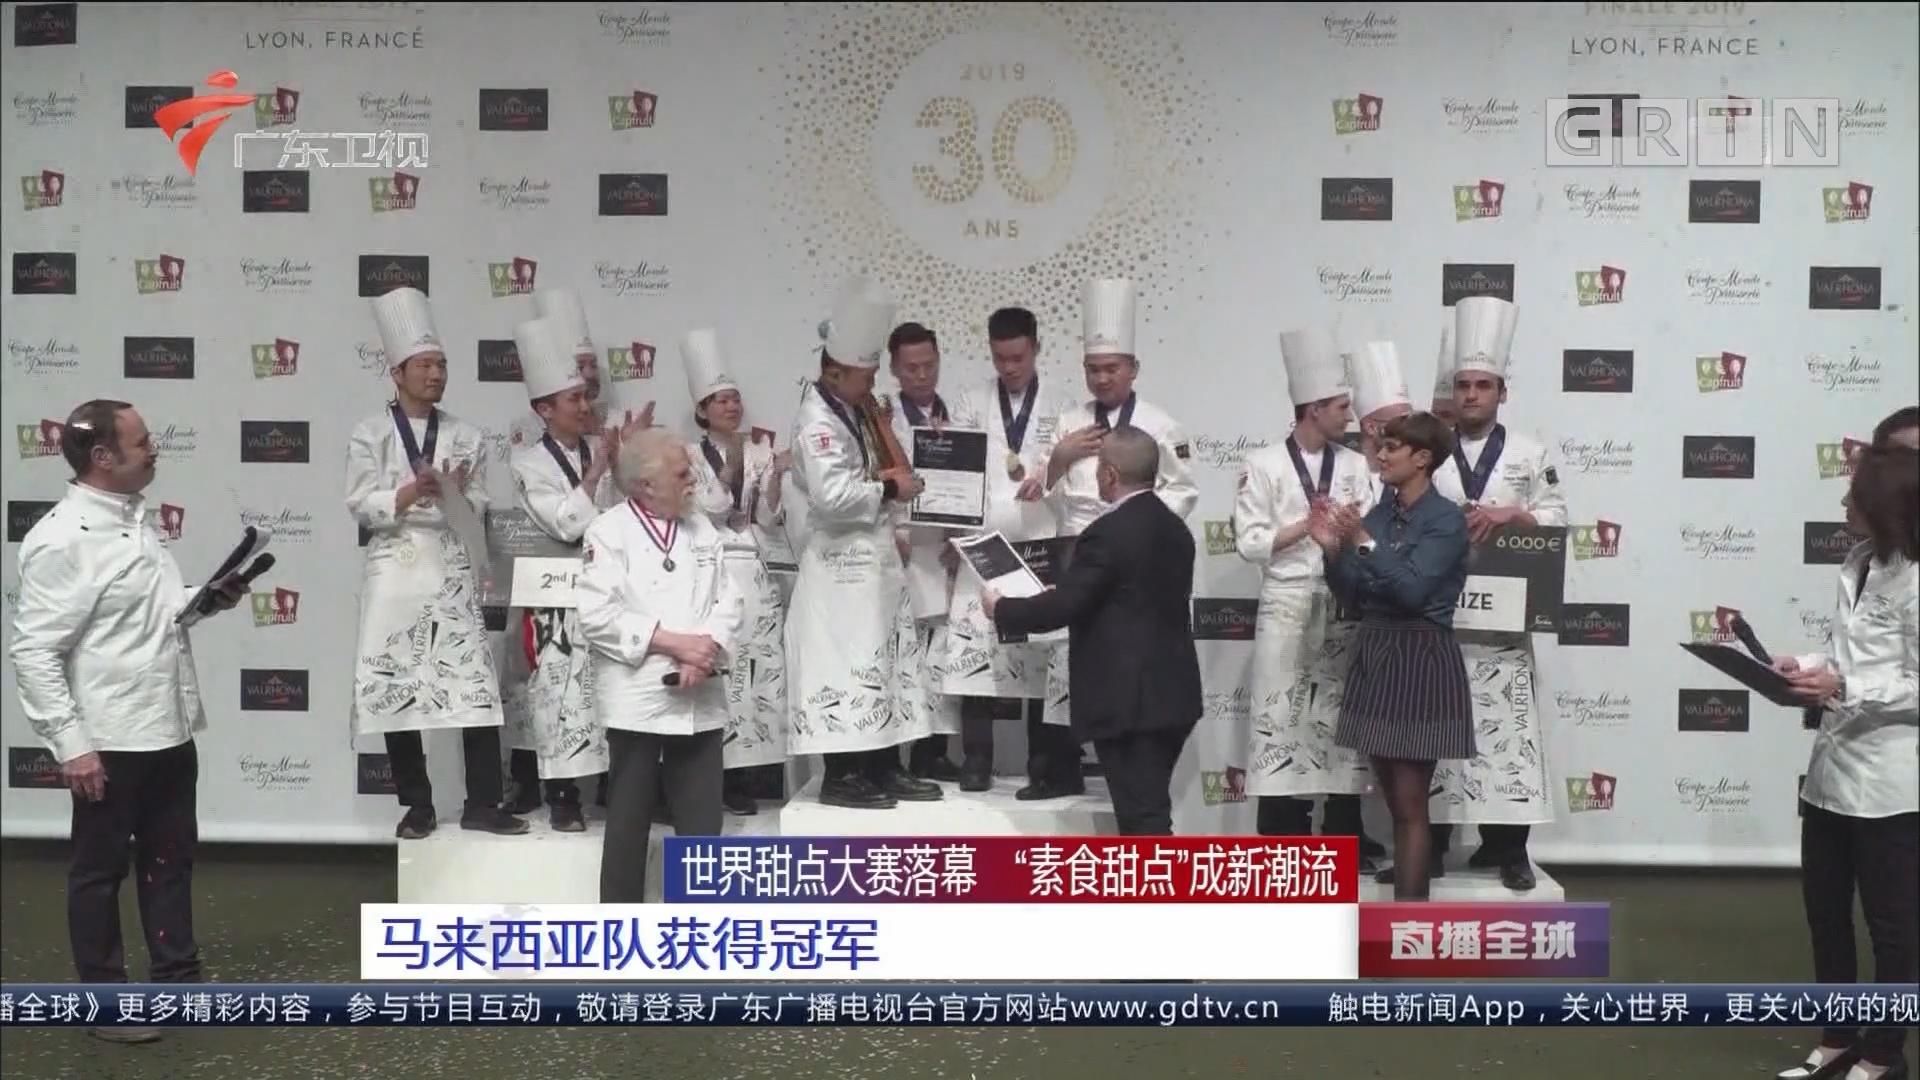 """世界甜点大赛落幕 """"素食甜点""""成新潮流:马来西亚队获得冠军"""